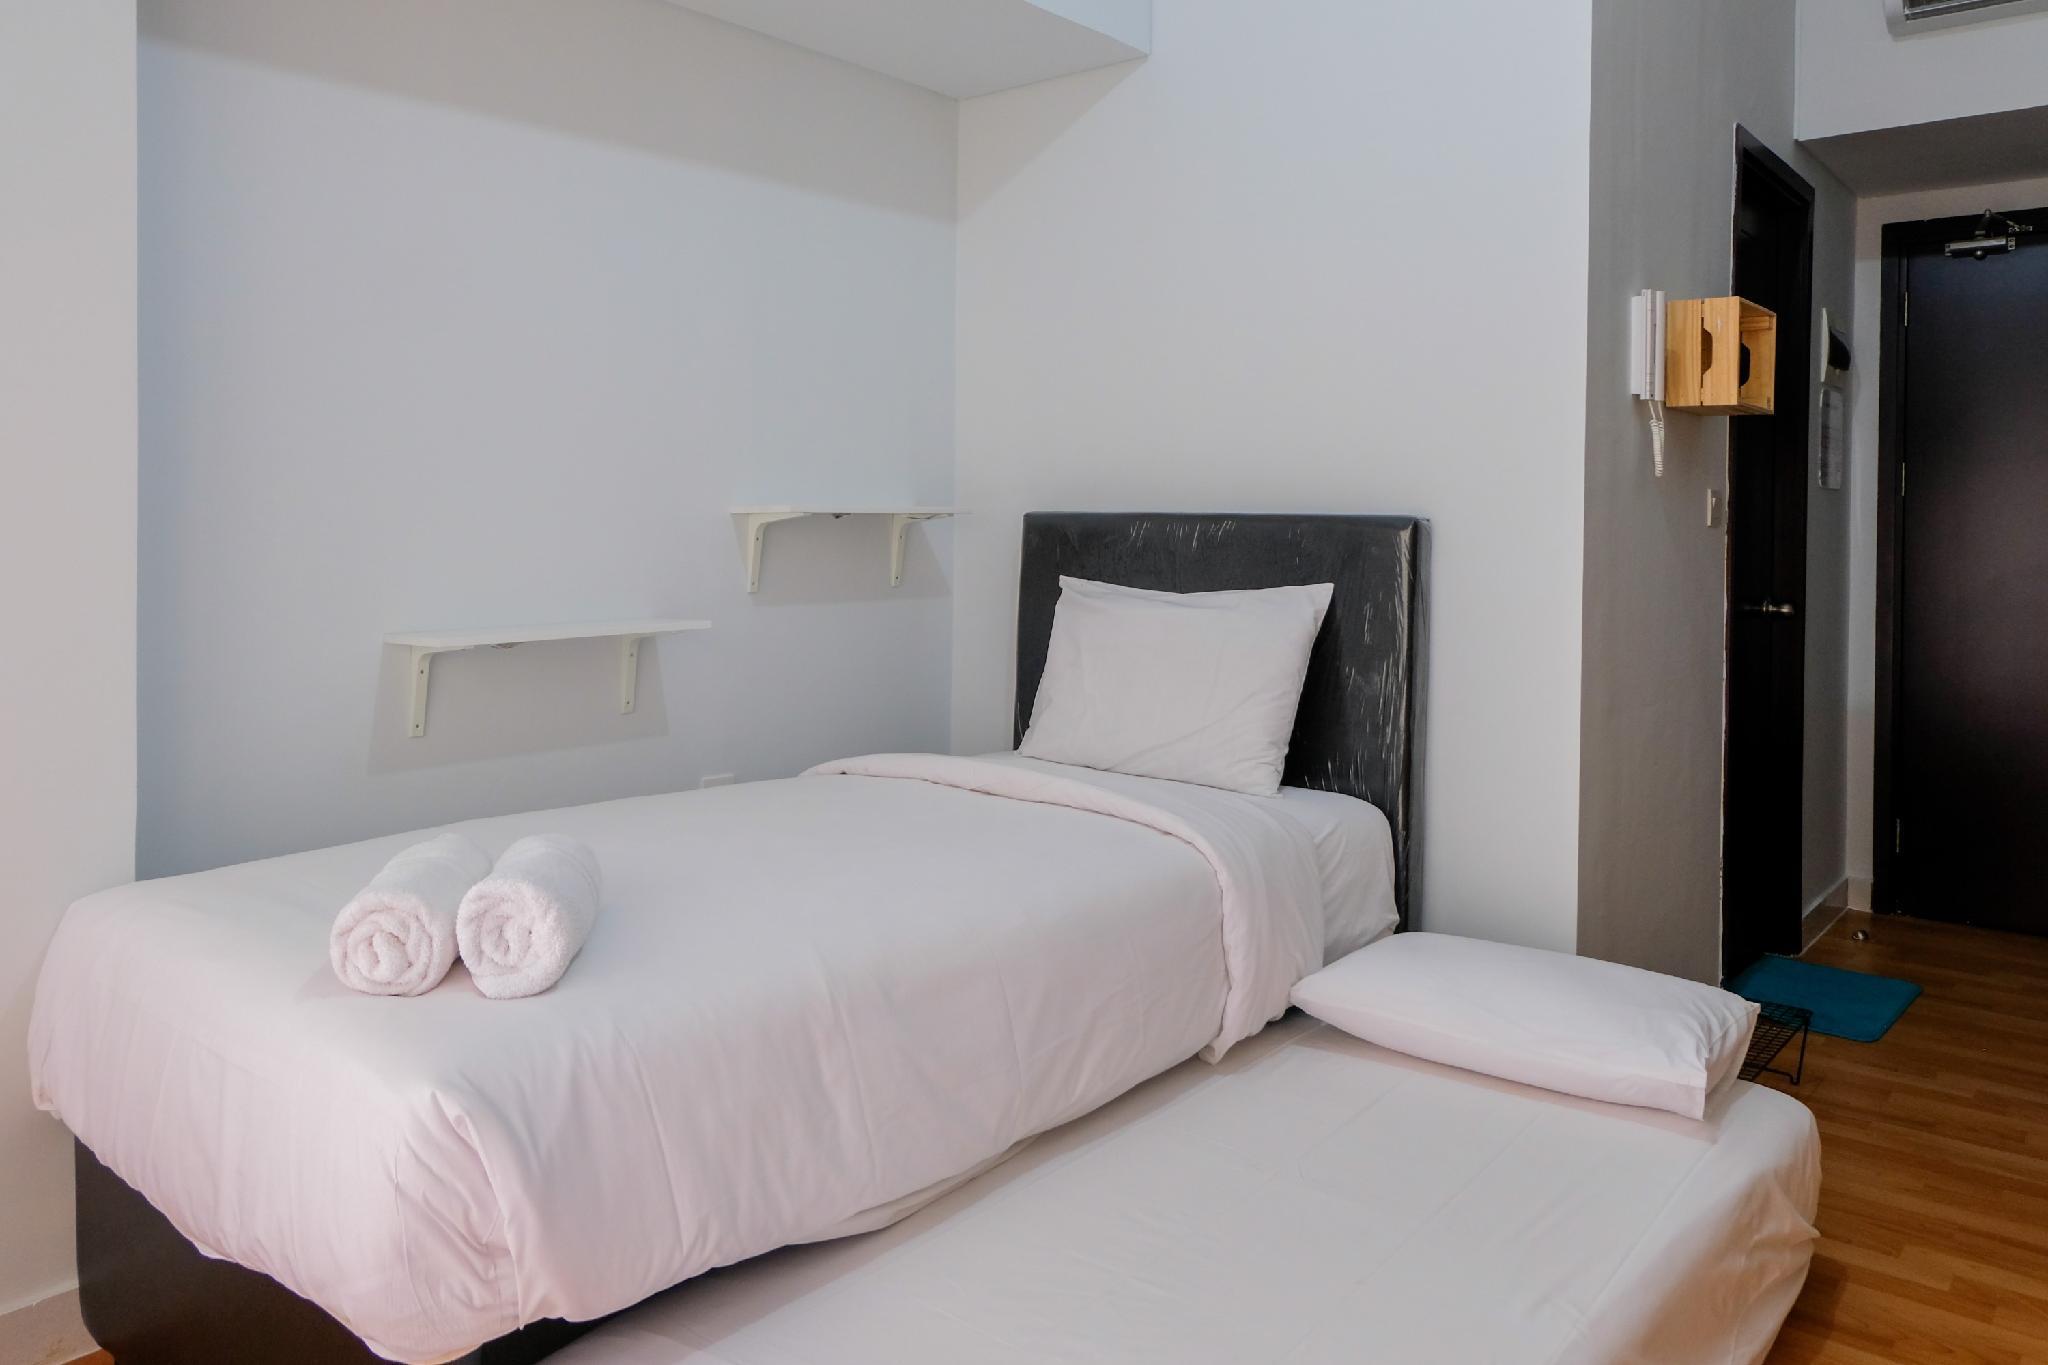 Homey Studio Room At Casa De Parco Apt By Travelio